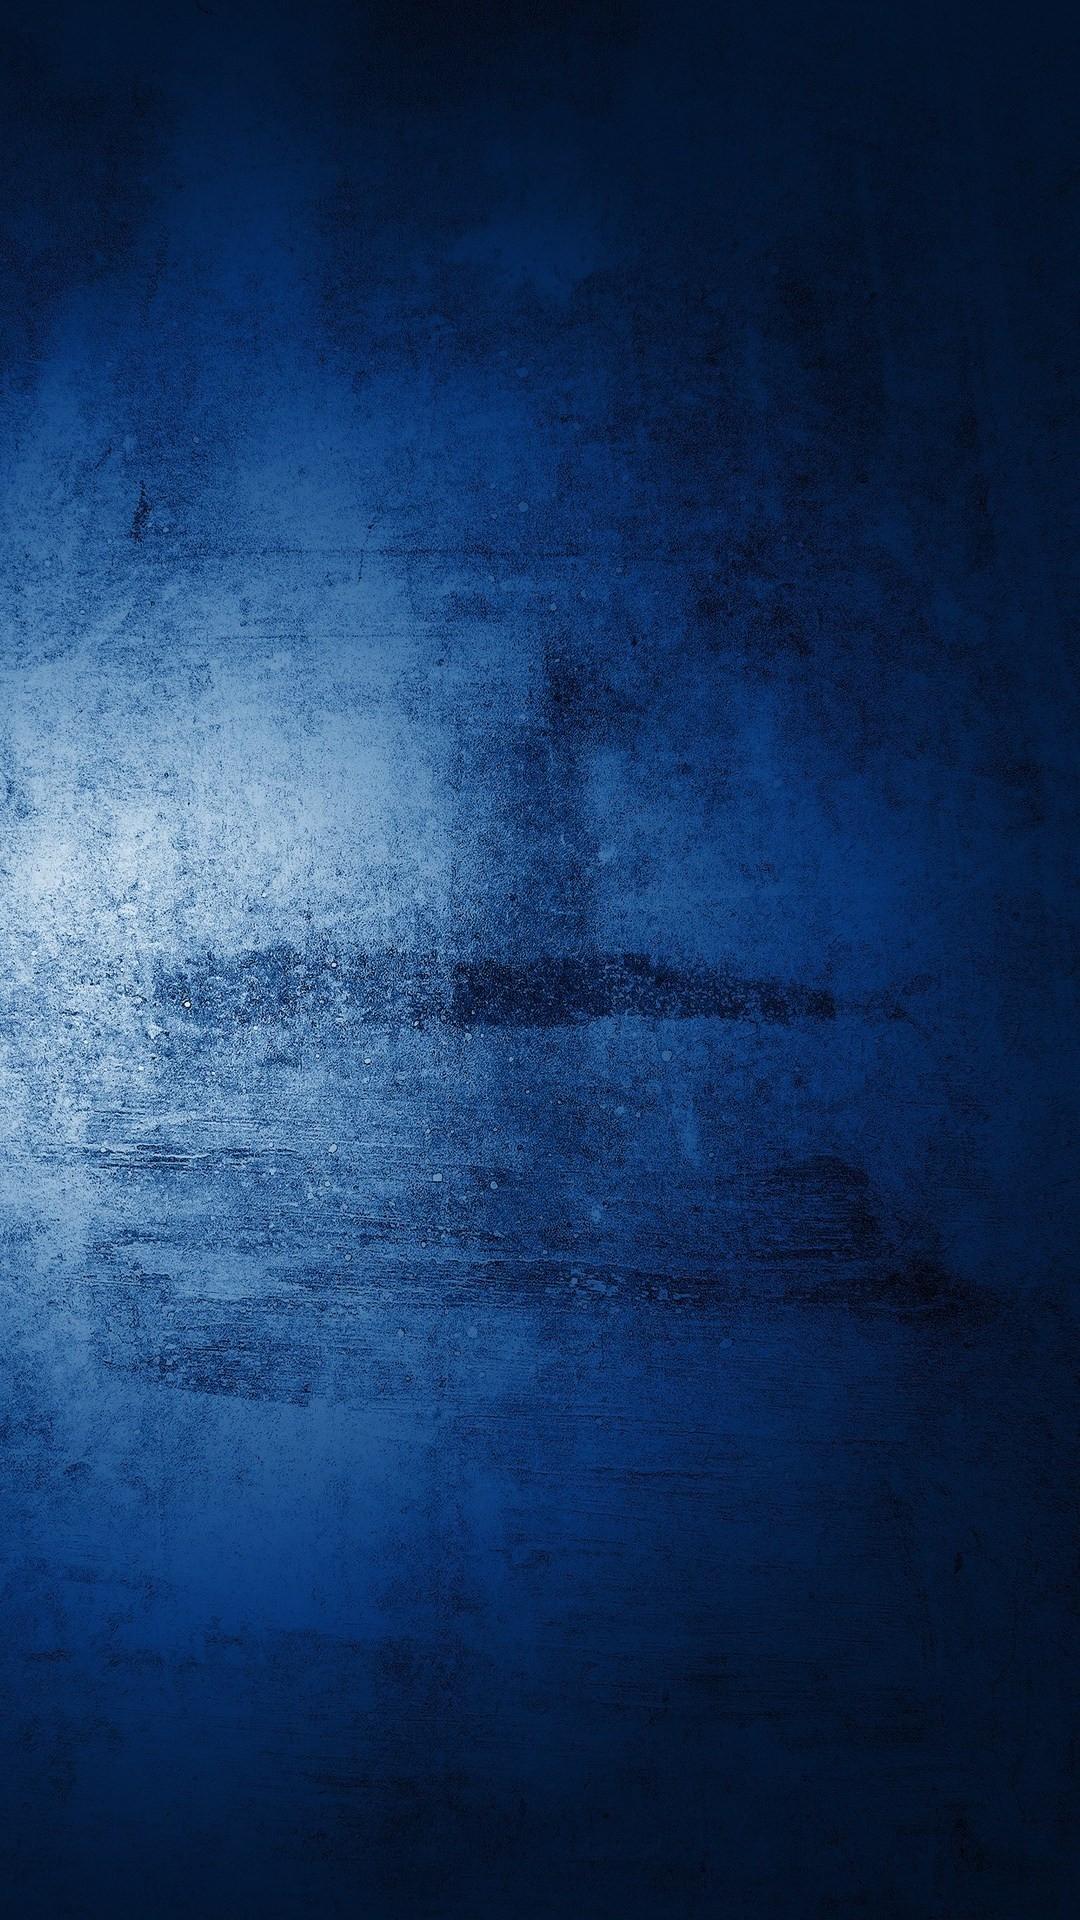 Blue Phone Wallpaper - WallpaperSafari